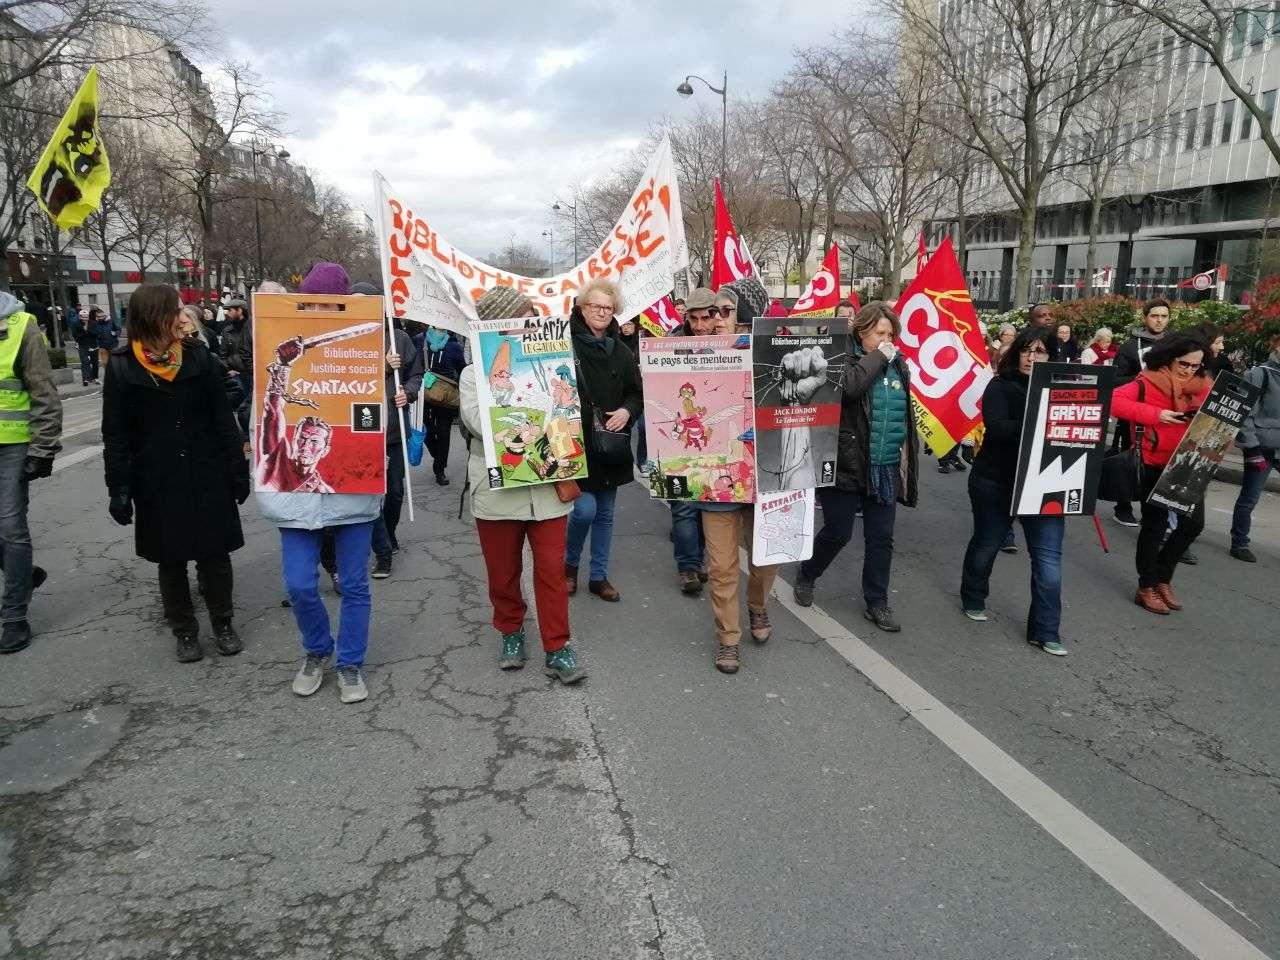 Retraites 20 février manifestation